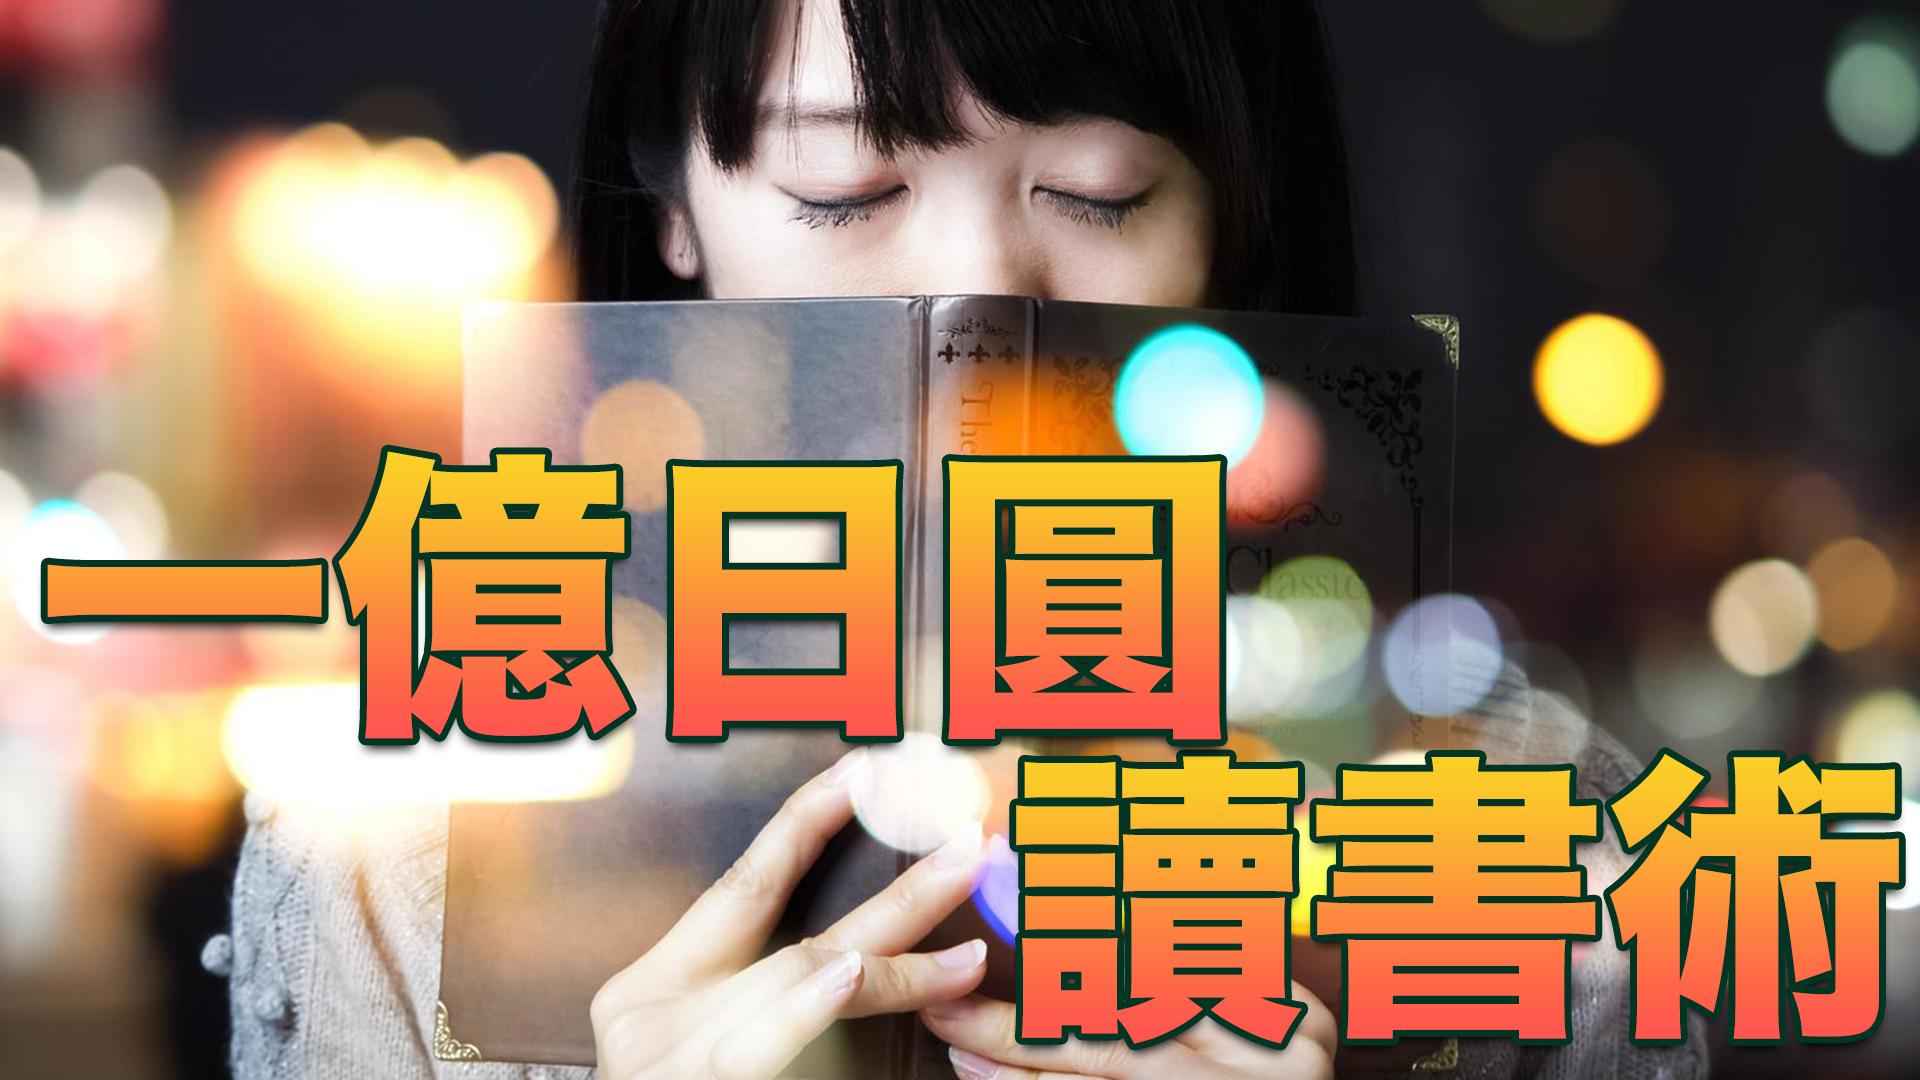 年收入超過一億日圓的企業家背書的讀書術/年収1億円越えのビジネスマンが実践している読書術